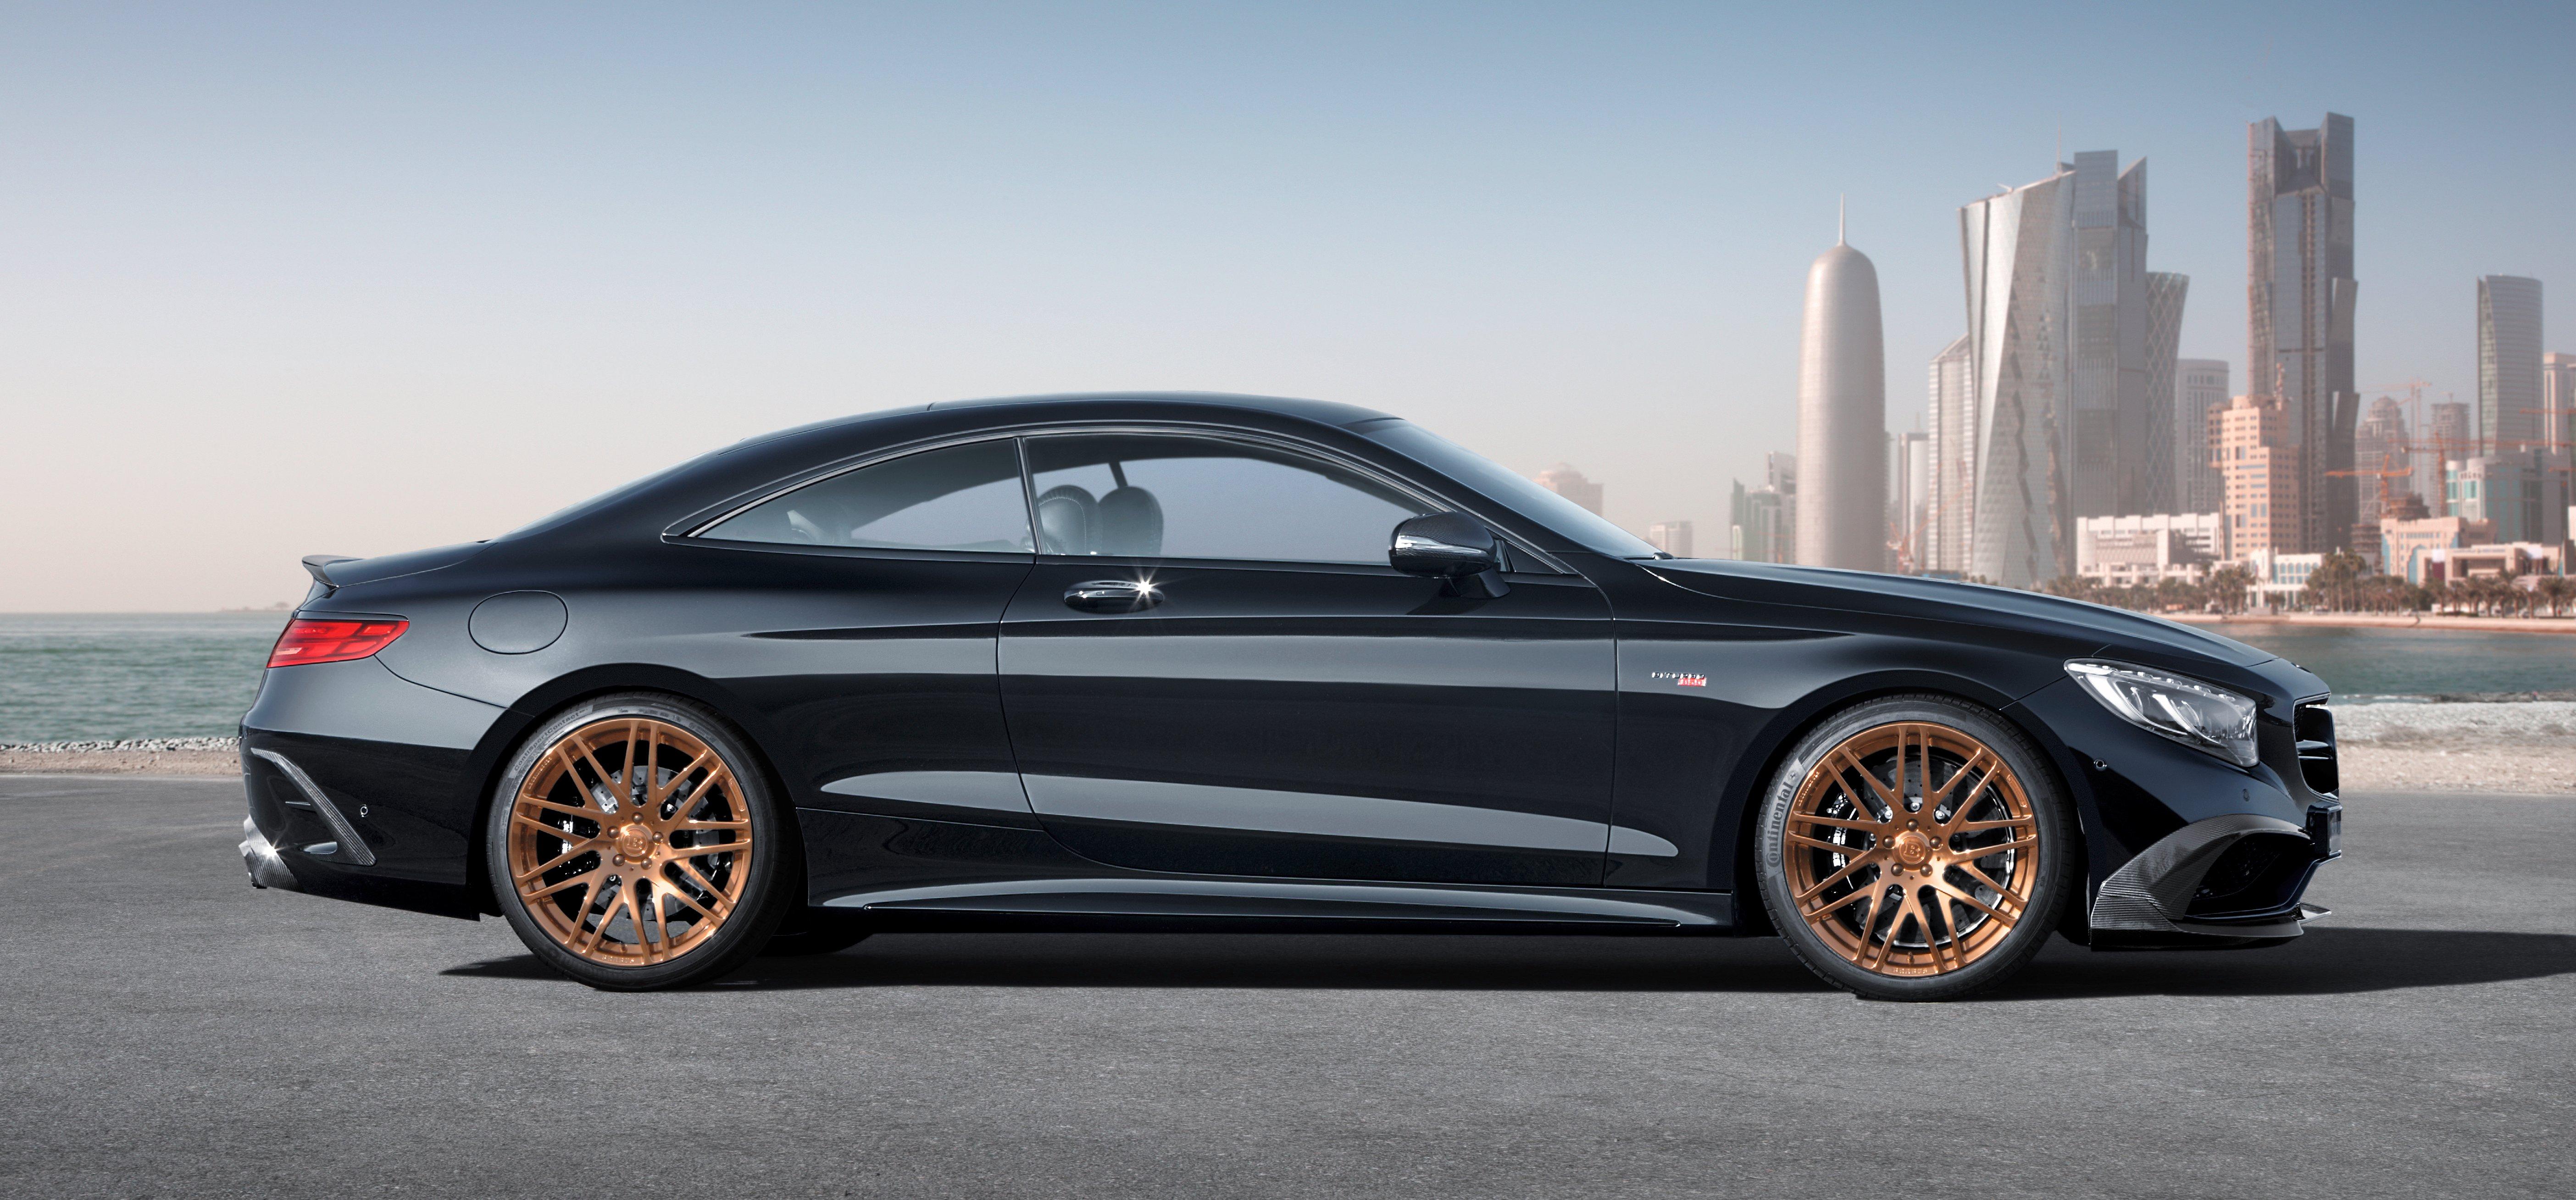 Mercedes Benz A Amg Top Speed